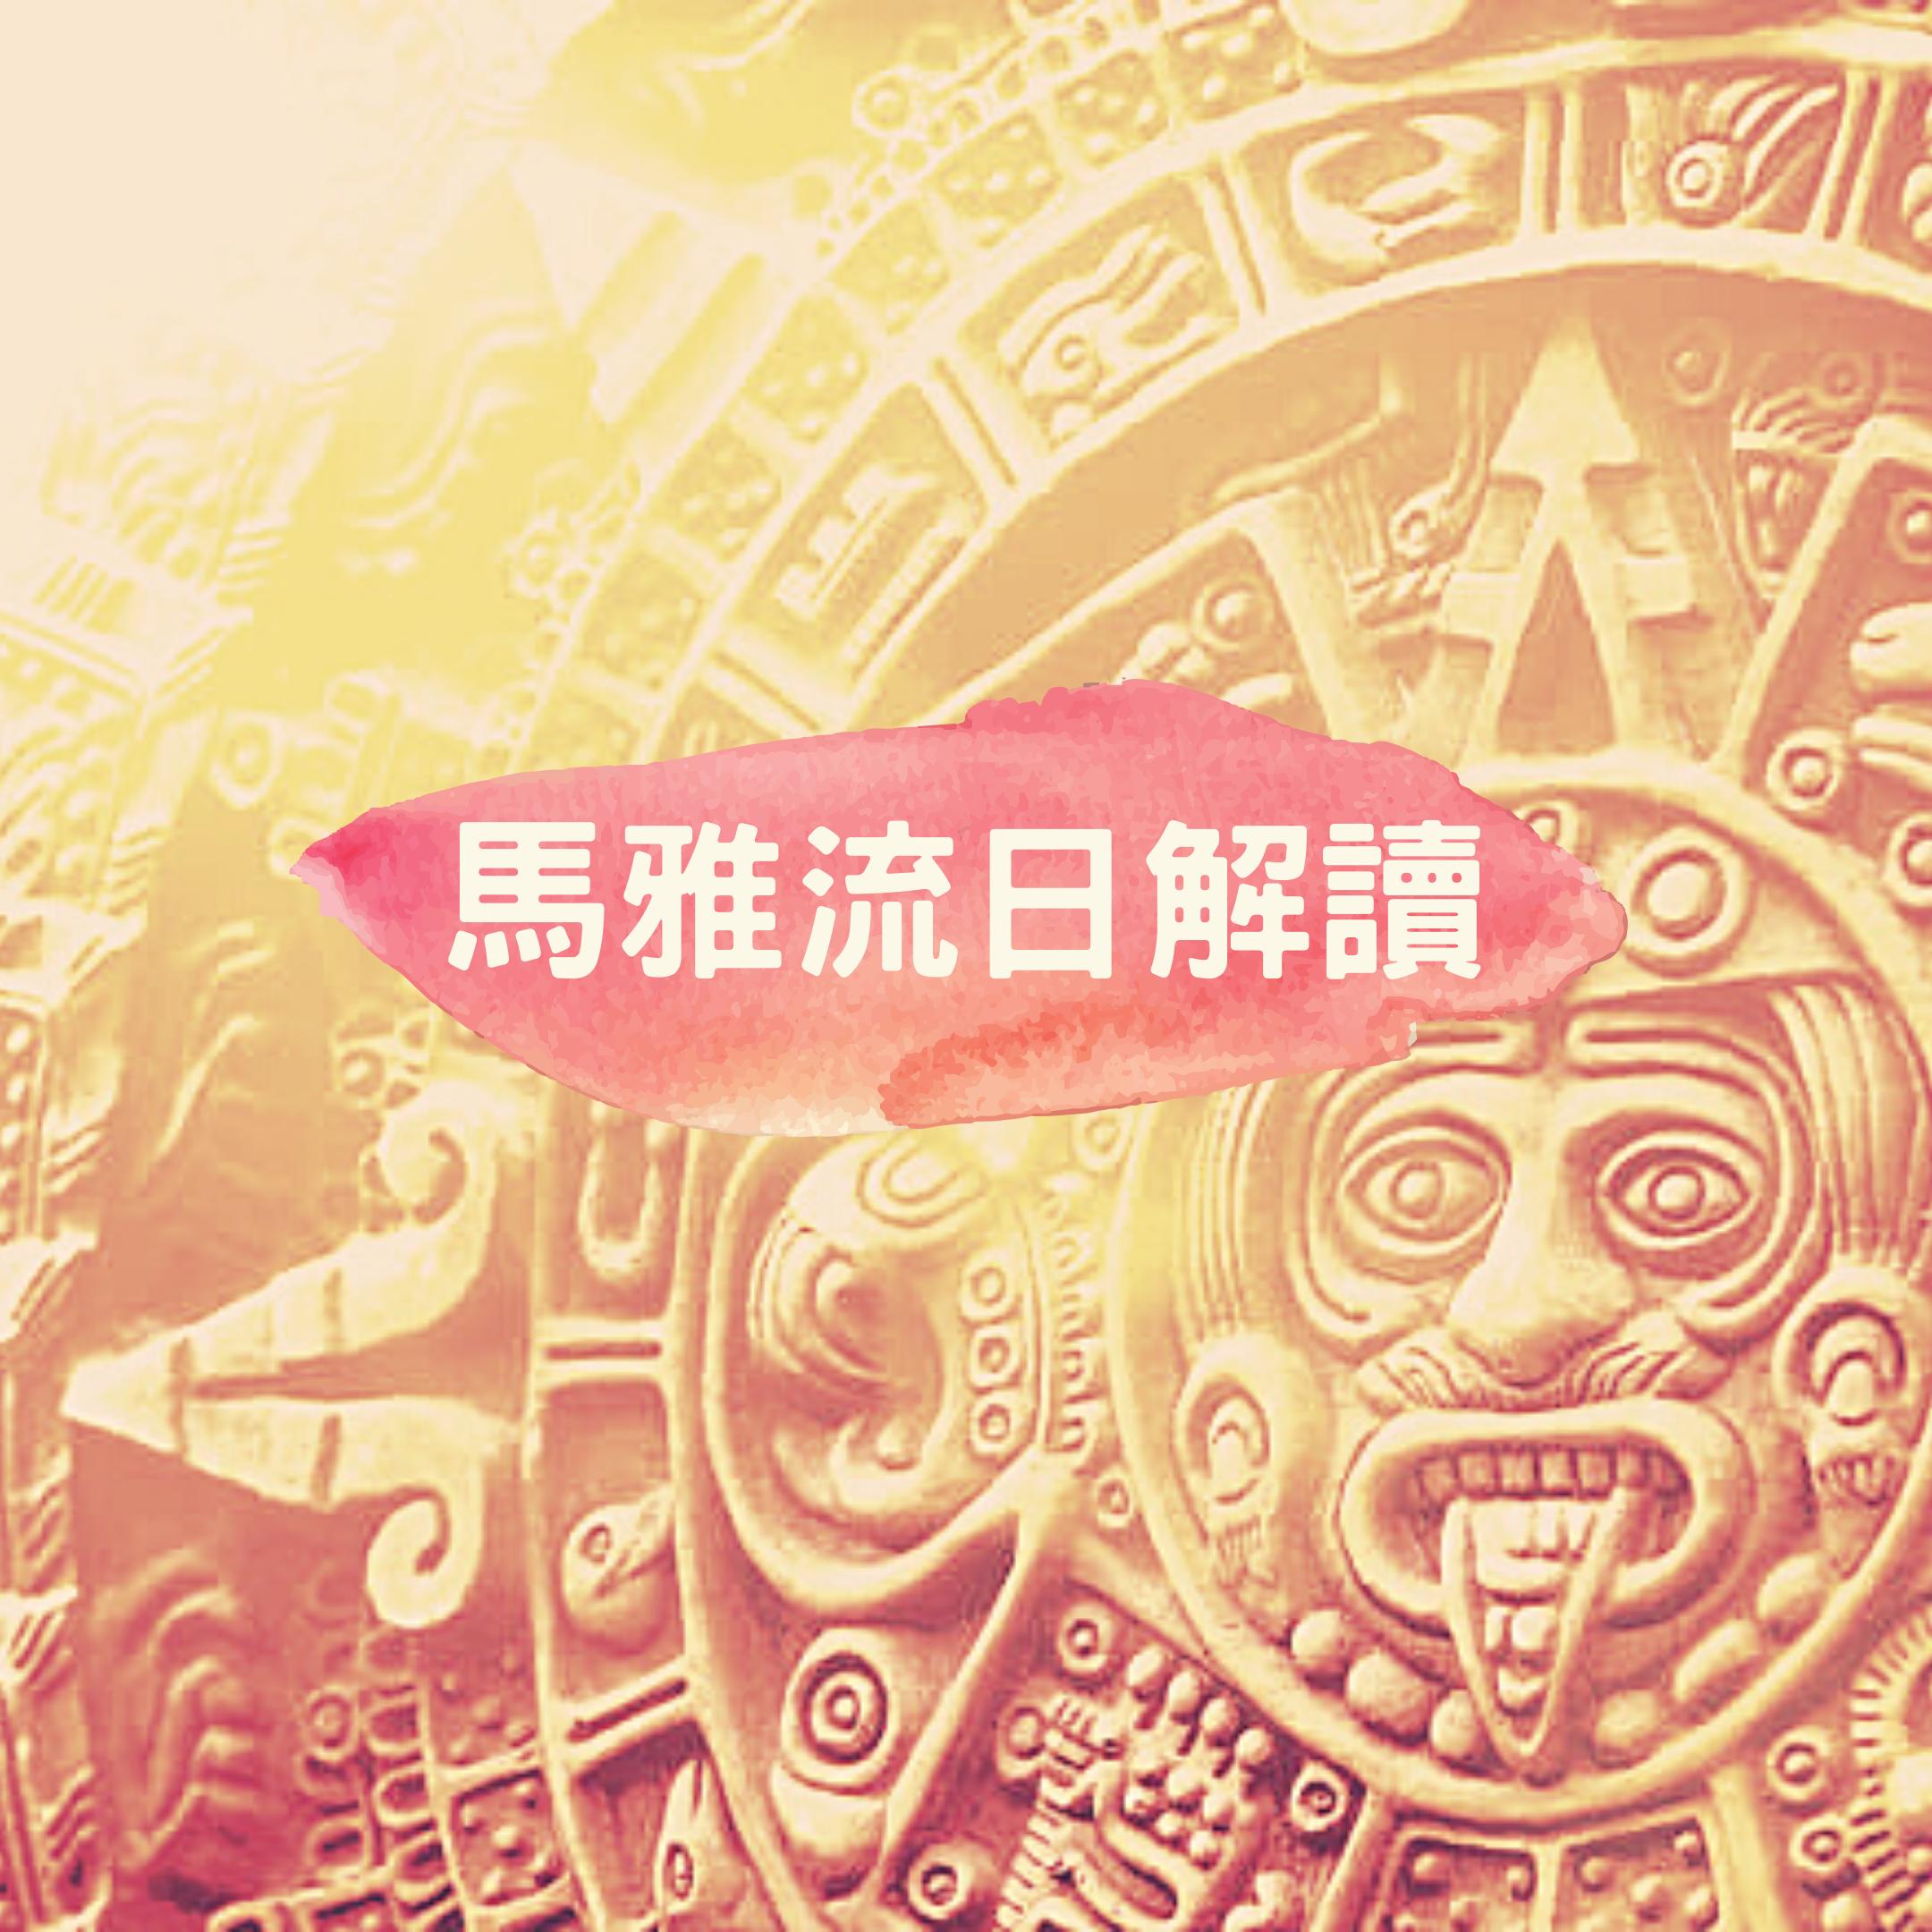 馬雅流日12.06|kin 252 超頻黃人(魔法烏龜許願日)